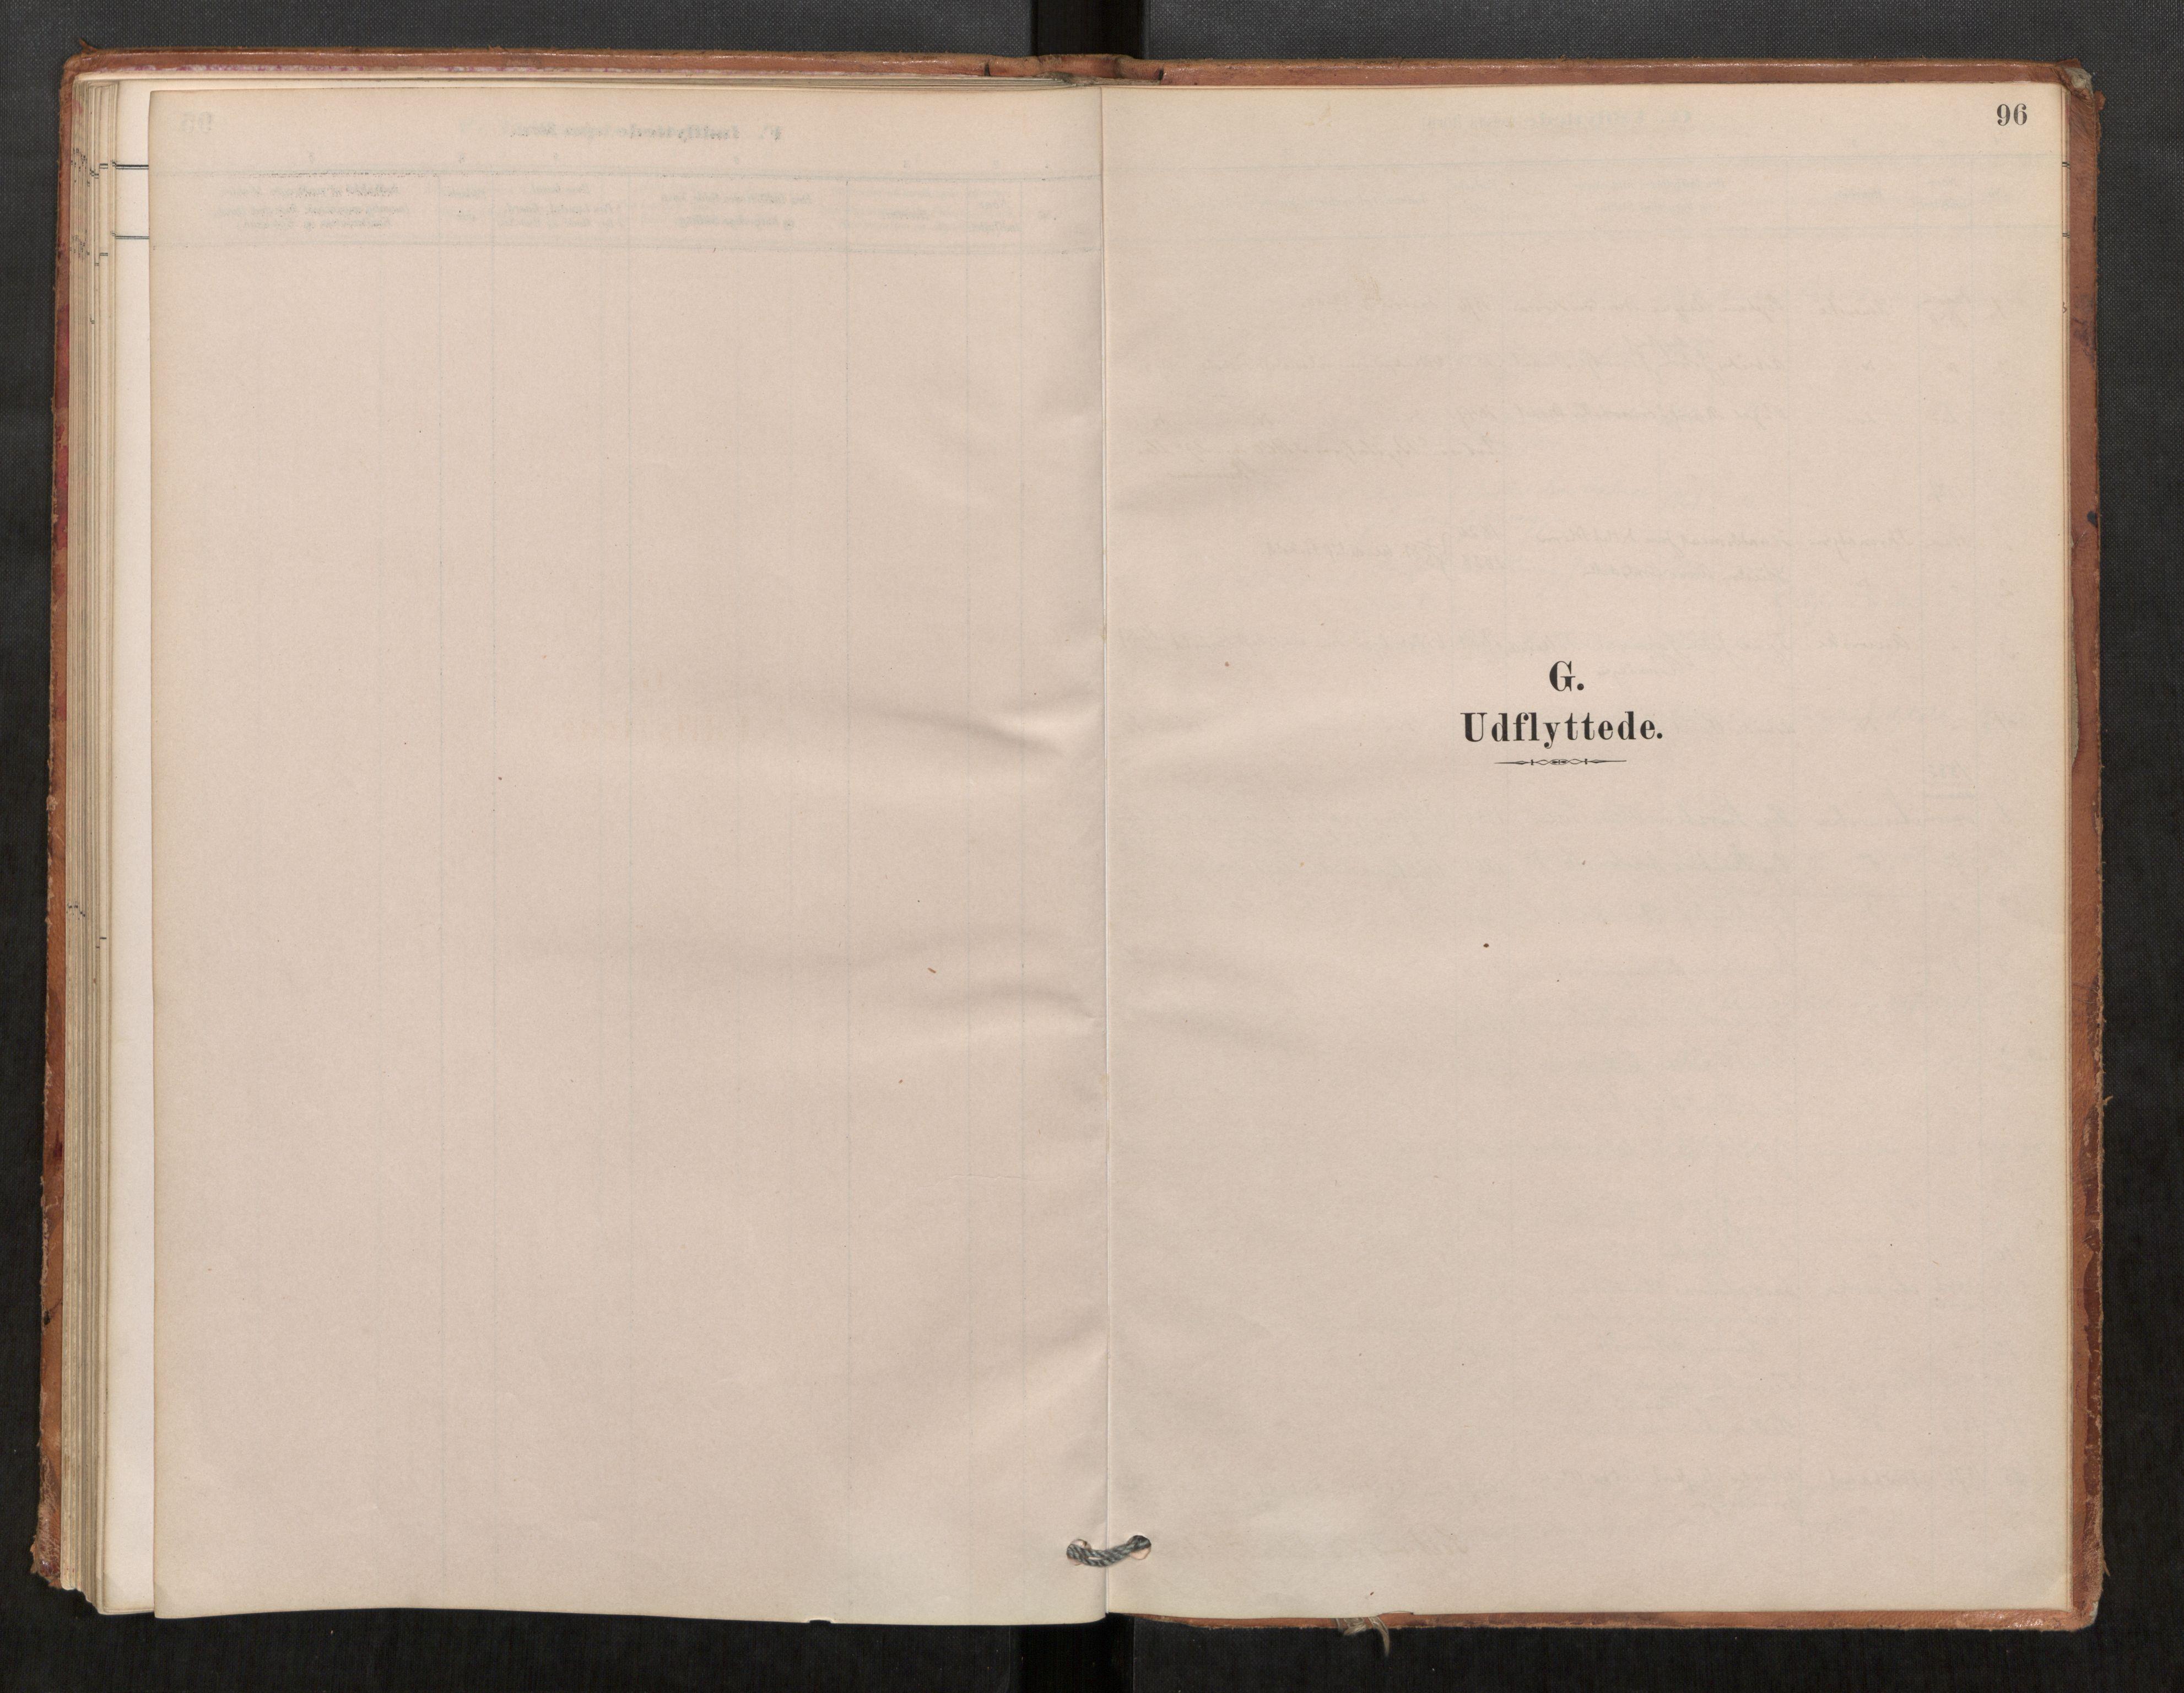 SAT, Klæbu sokneprestkontor, Parish register (official) no. 1, 1880-1900, p. 96